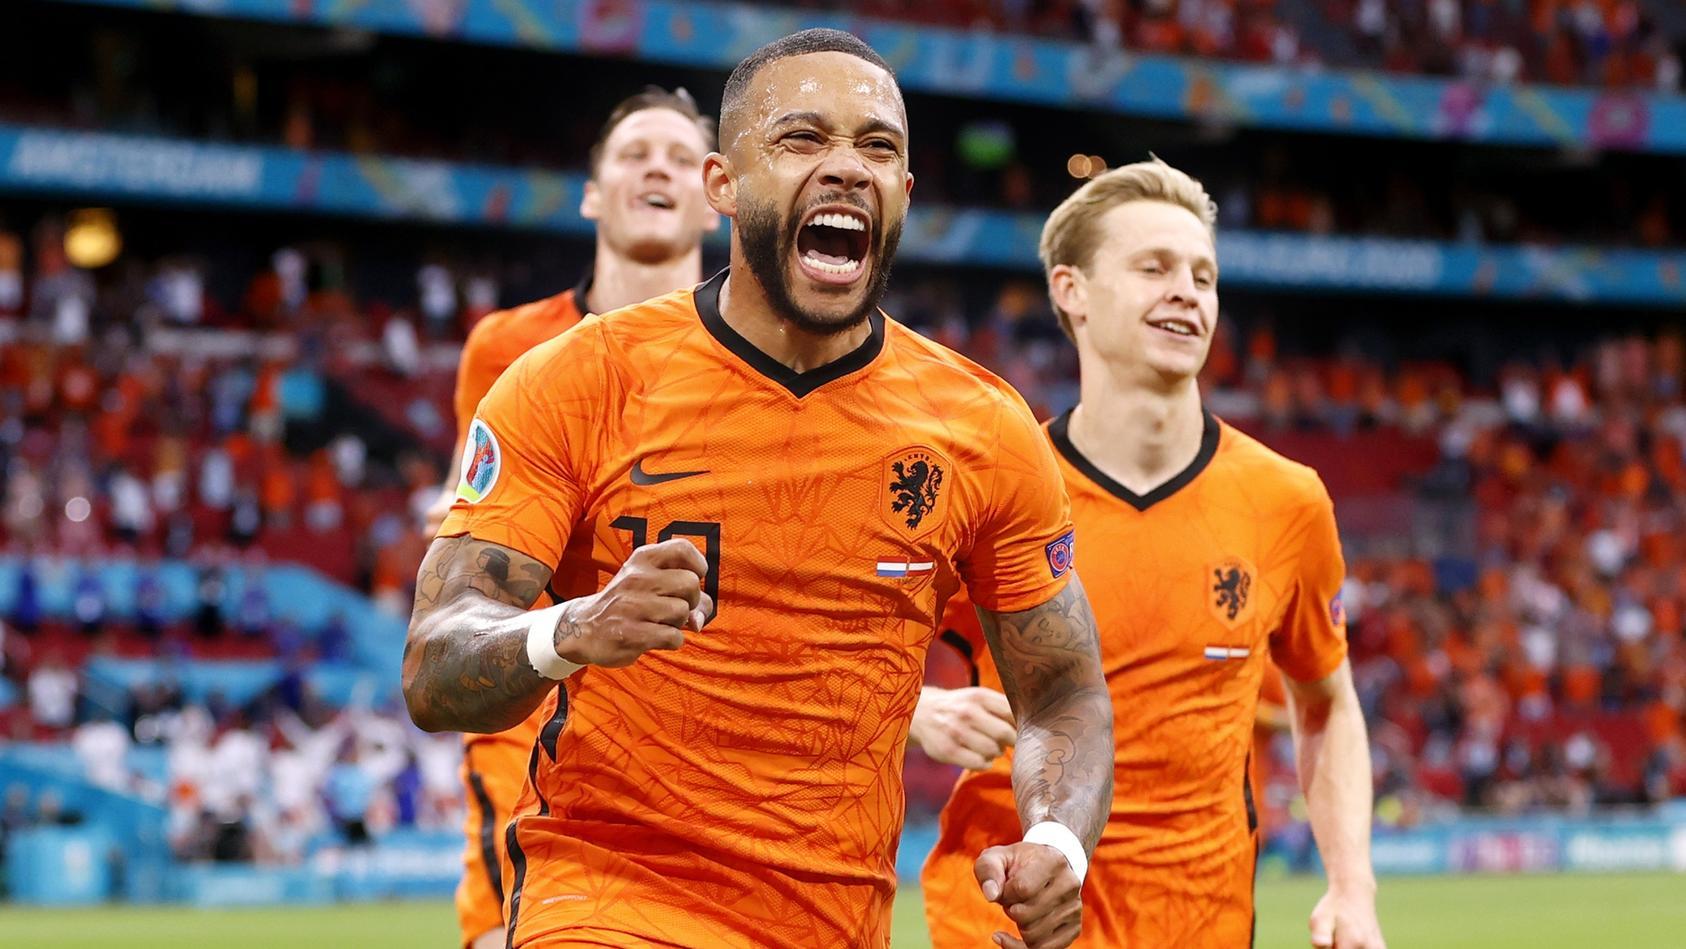 Die Niederlande feiern einen souveränen Sieg gegen Österreich.